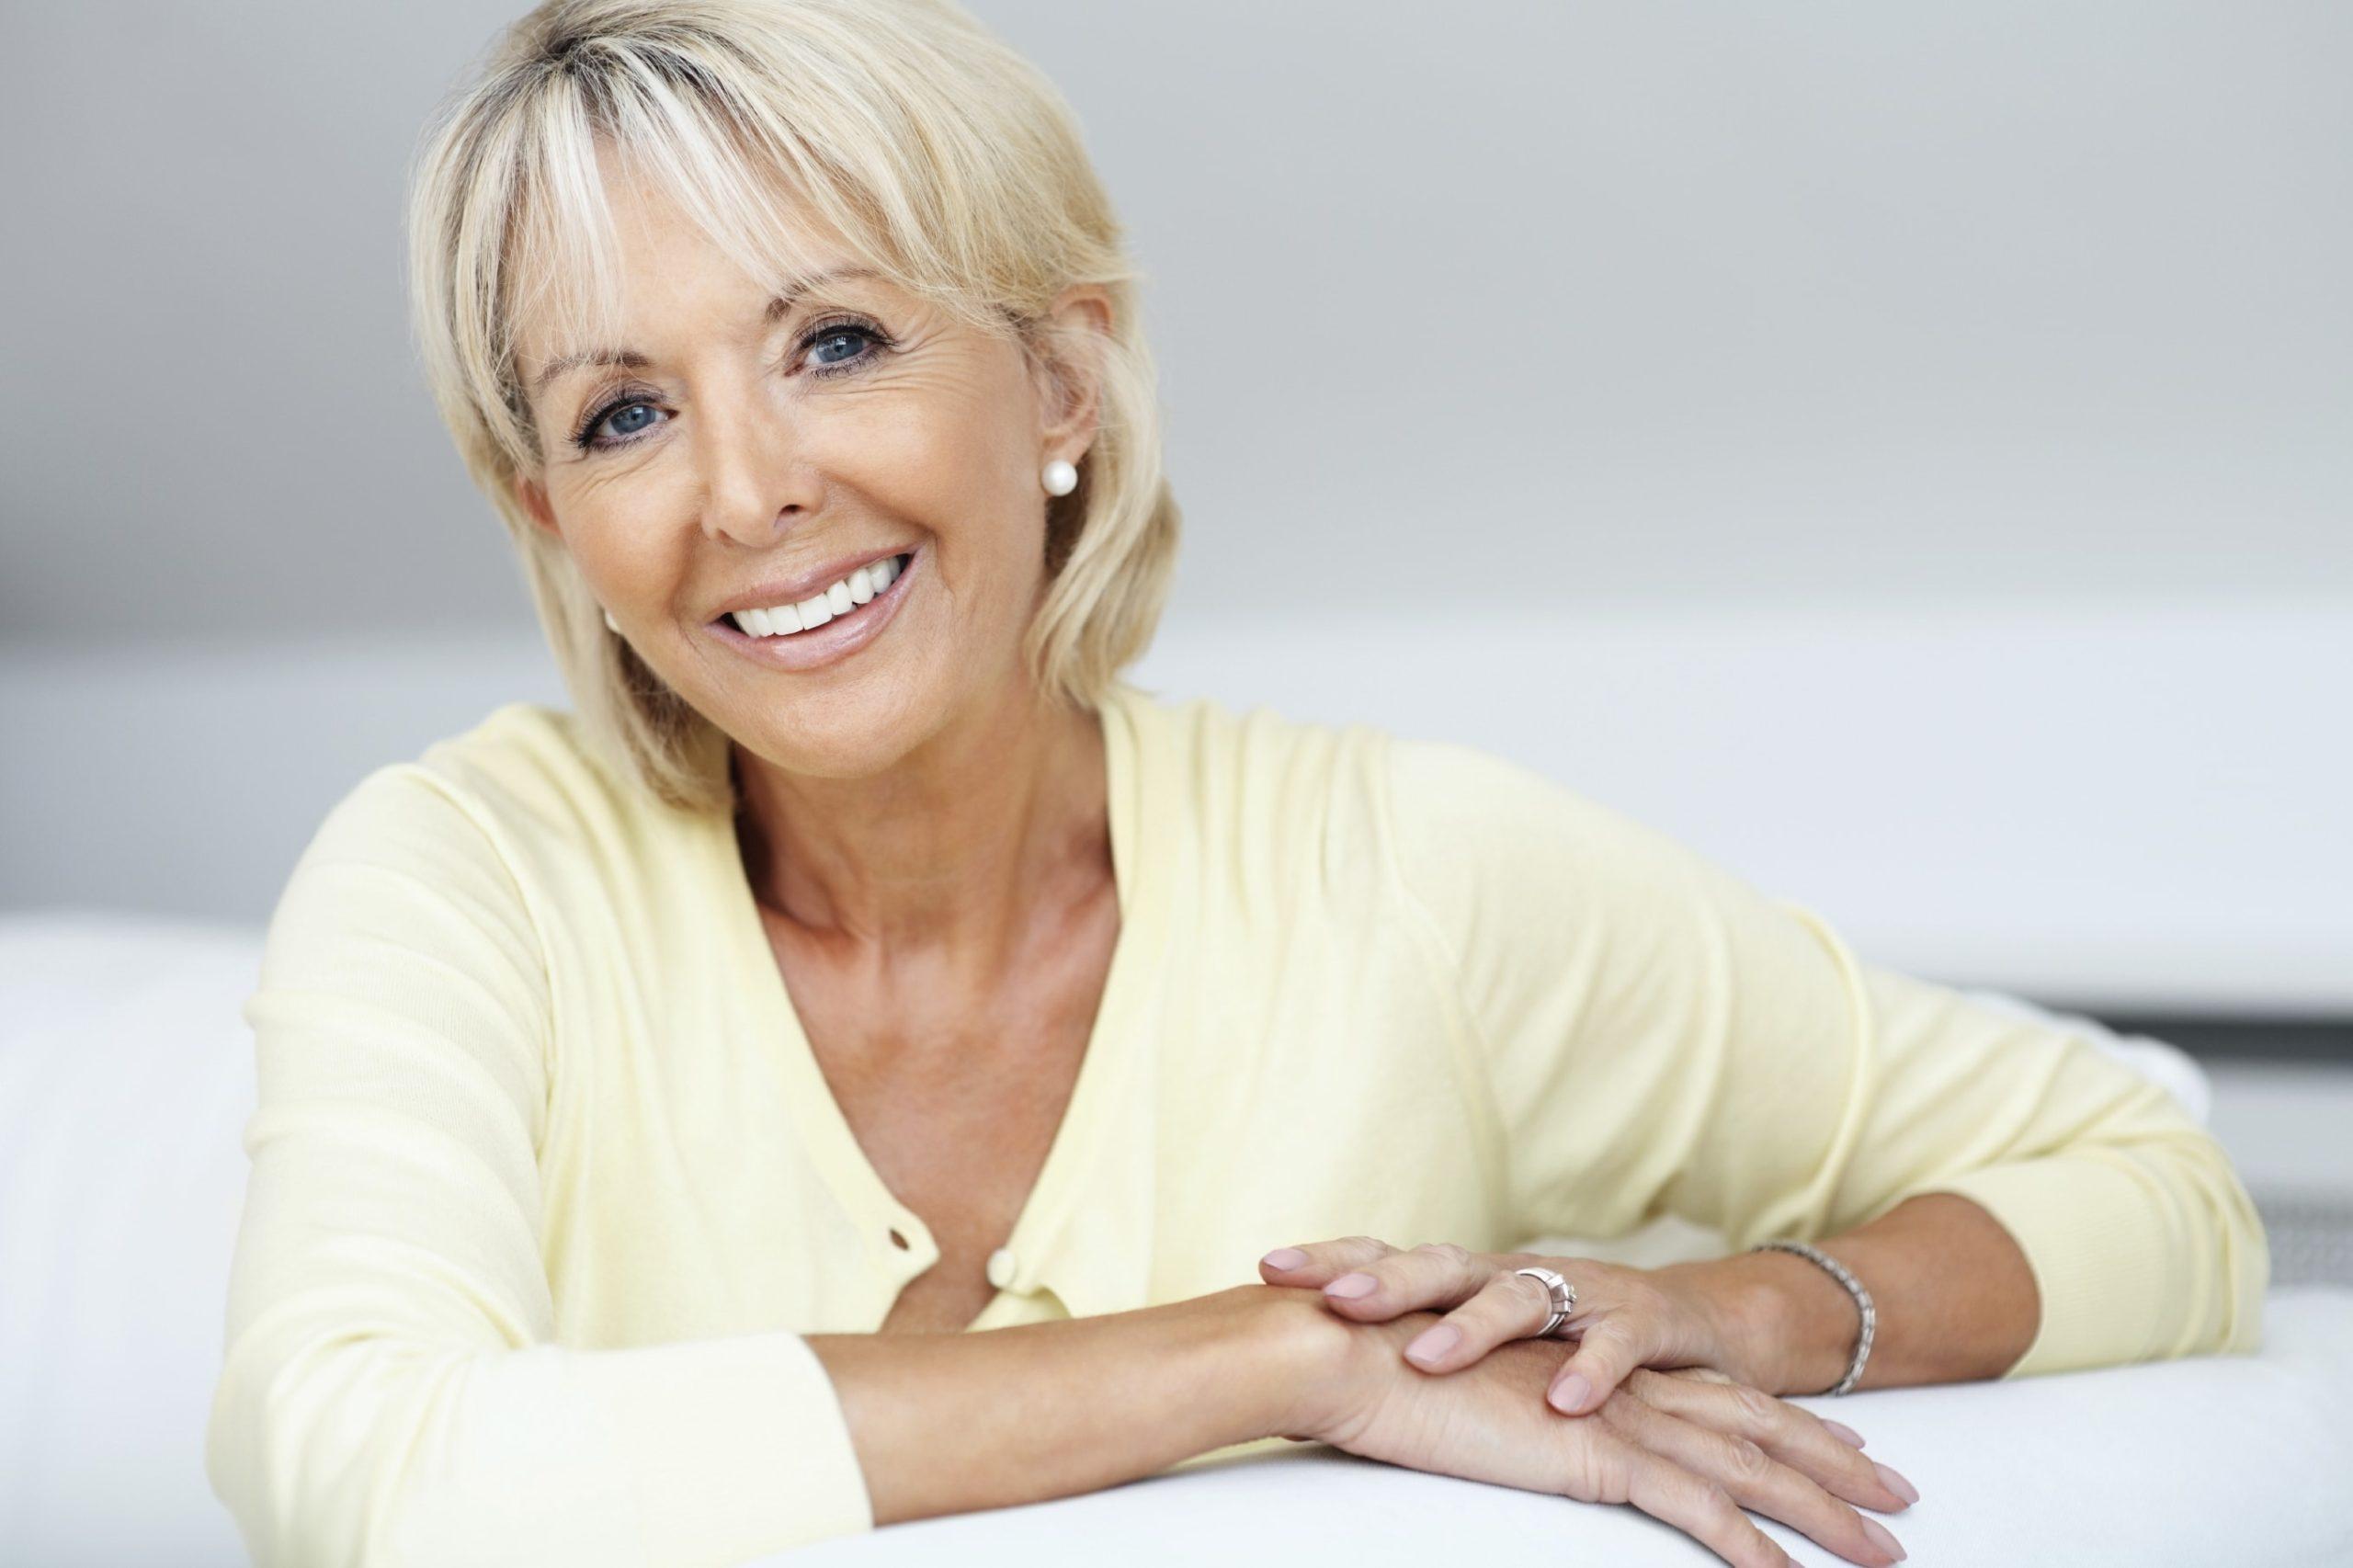 cea mai bună pierdere în greutate peste 60 de ani scădere în greutate pentru sfaturi pentru începători